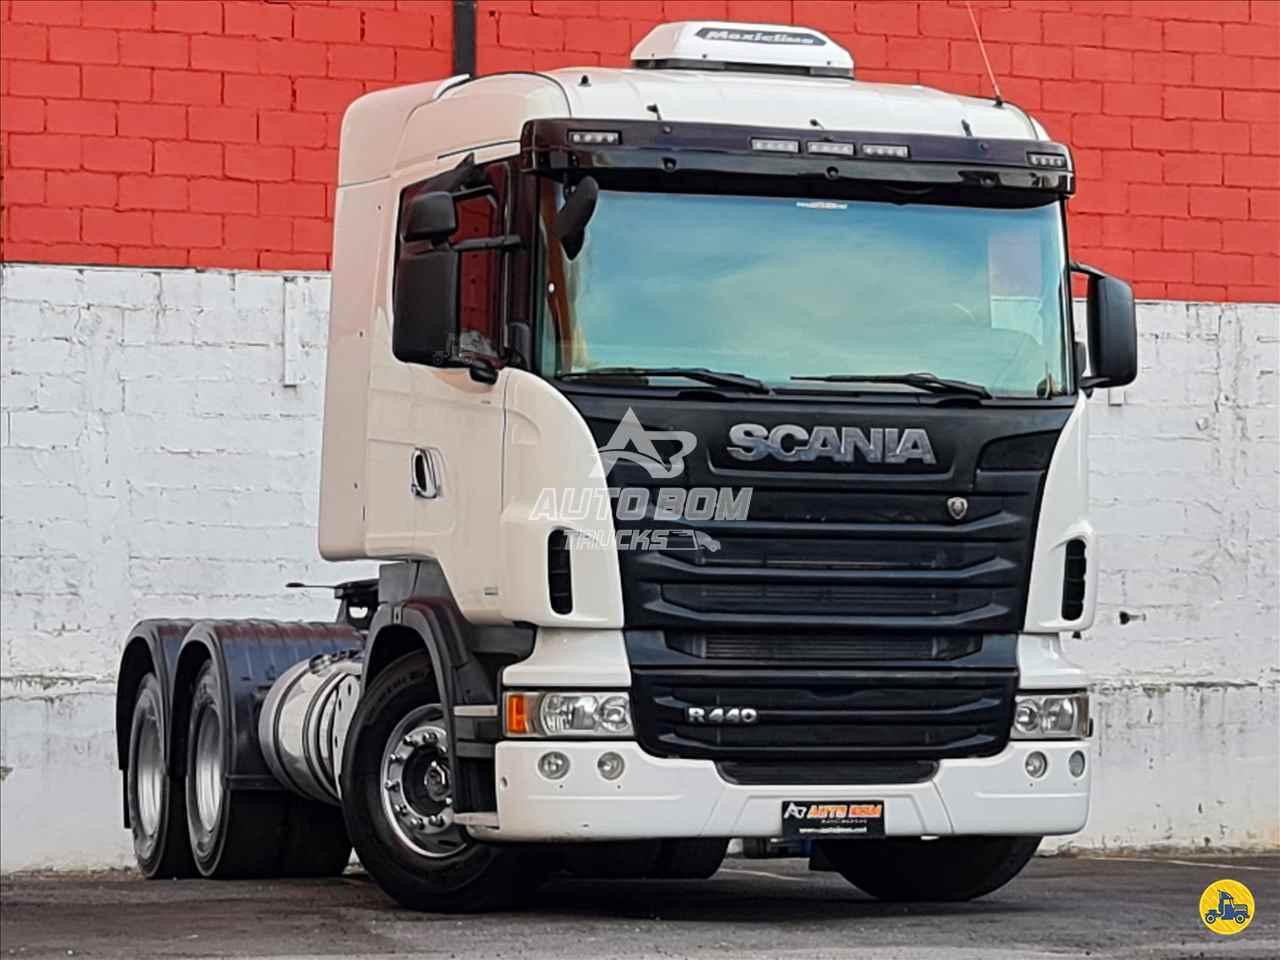 SCANIA 440 de Autobom Trucks - CONTAGEM/MG